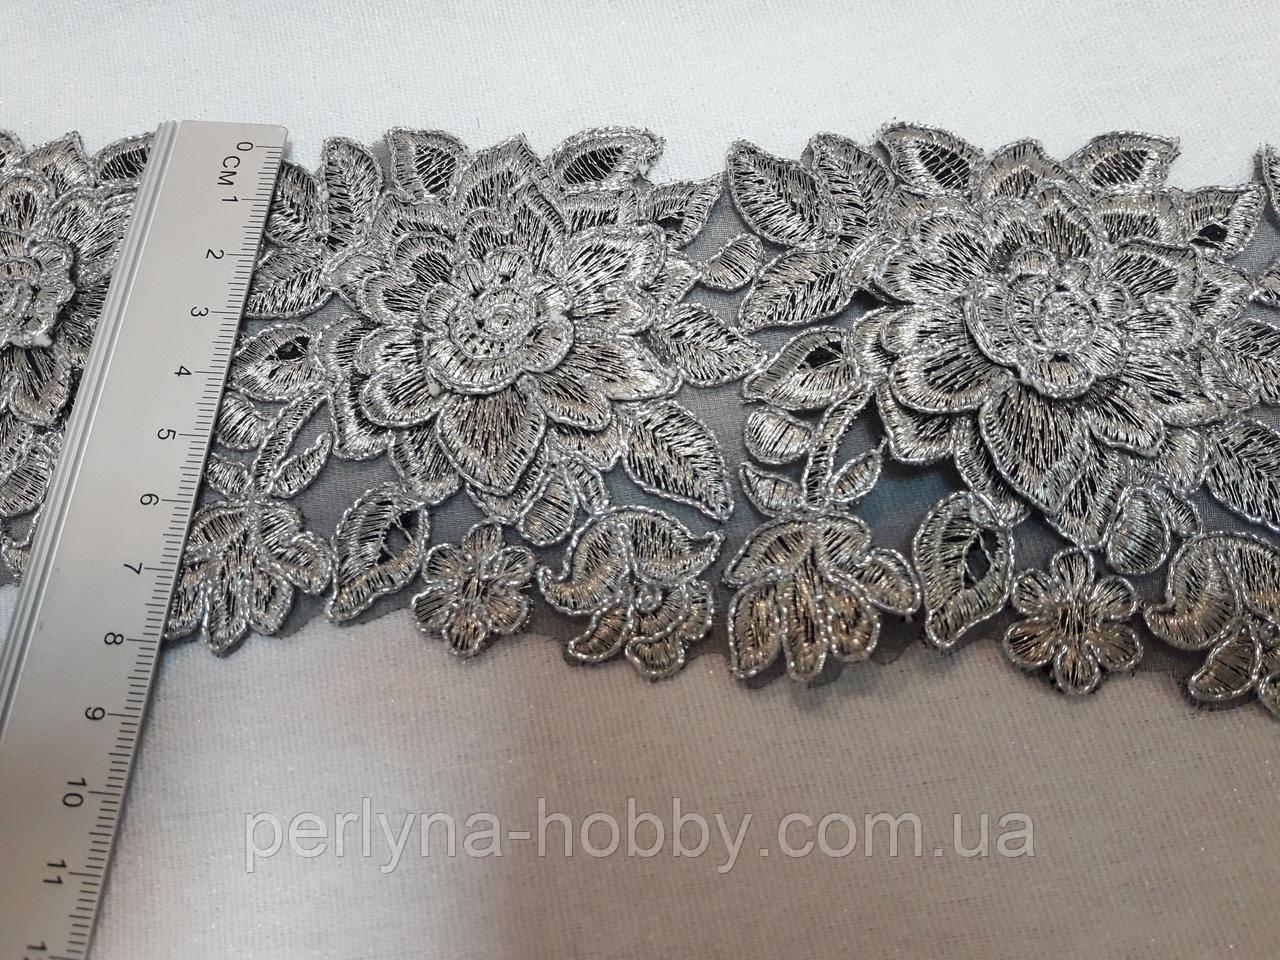 Тесьма декоративная  с вышивкой Тасьма декоративна 8 см, вишита сріблом на чорному,  3D вишивка